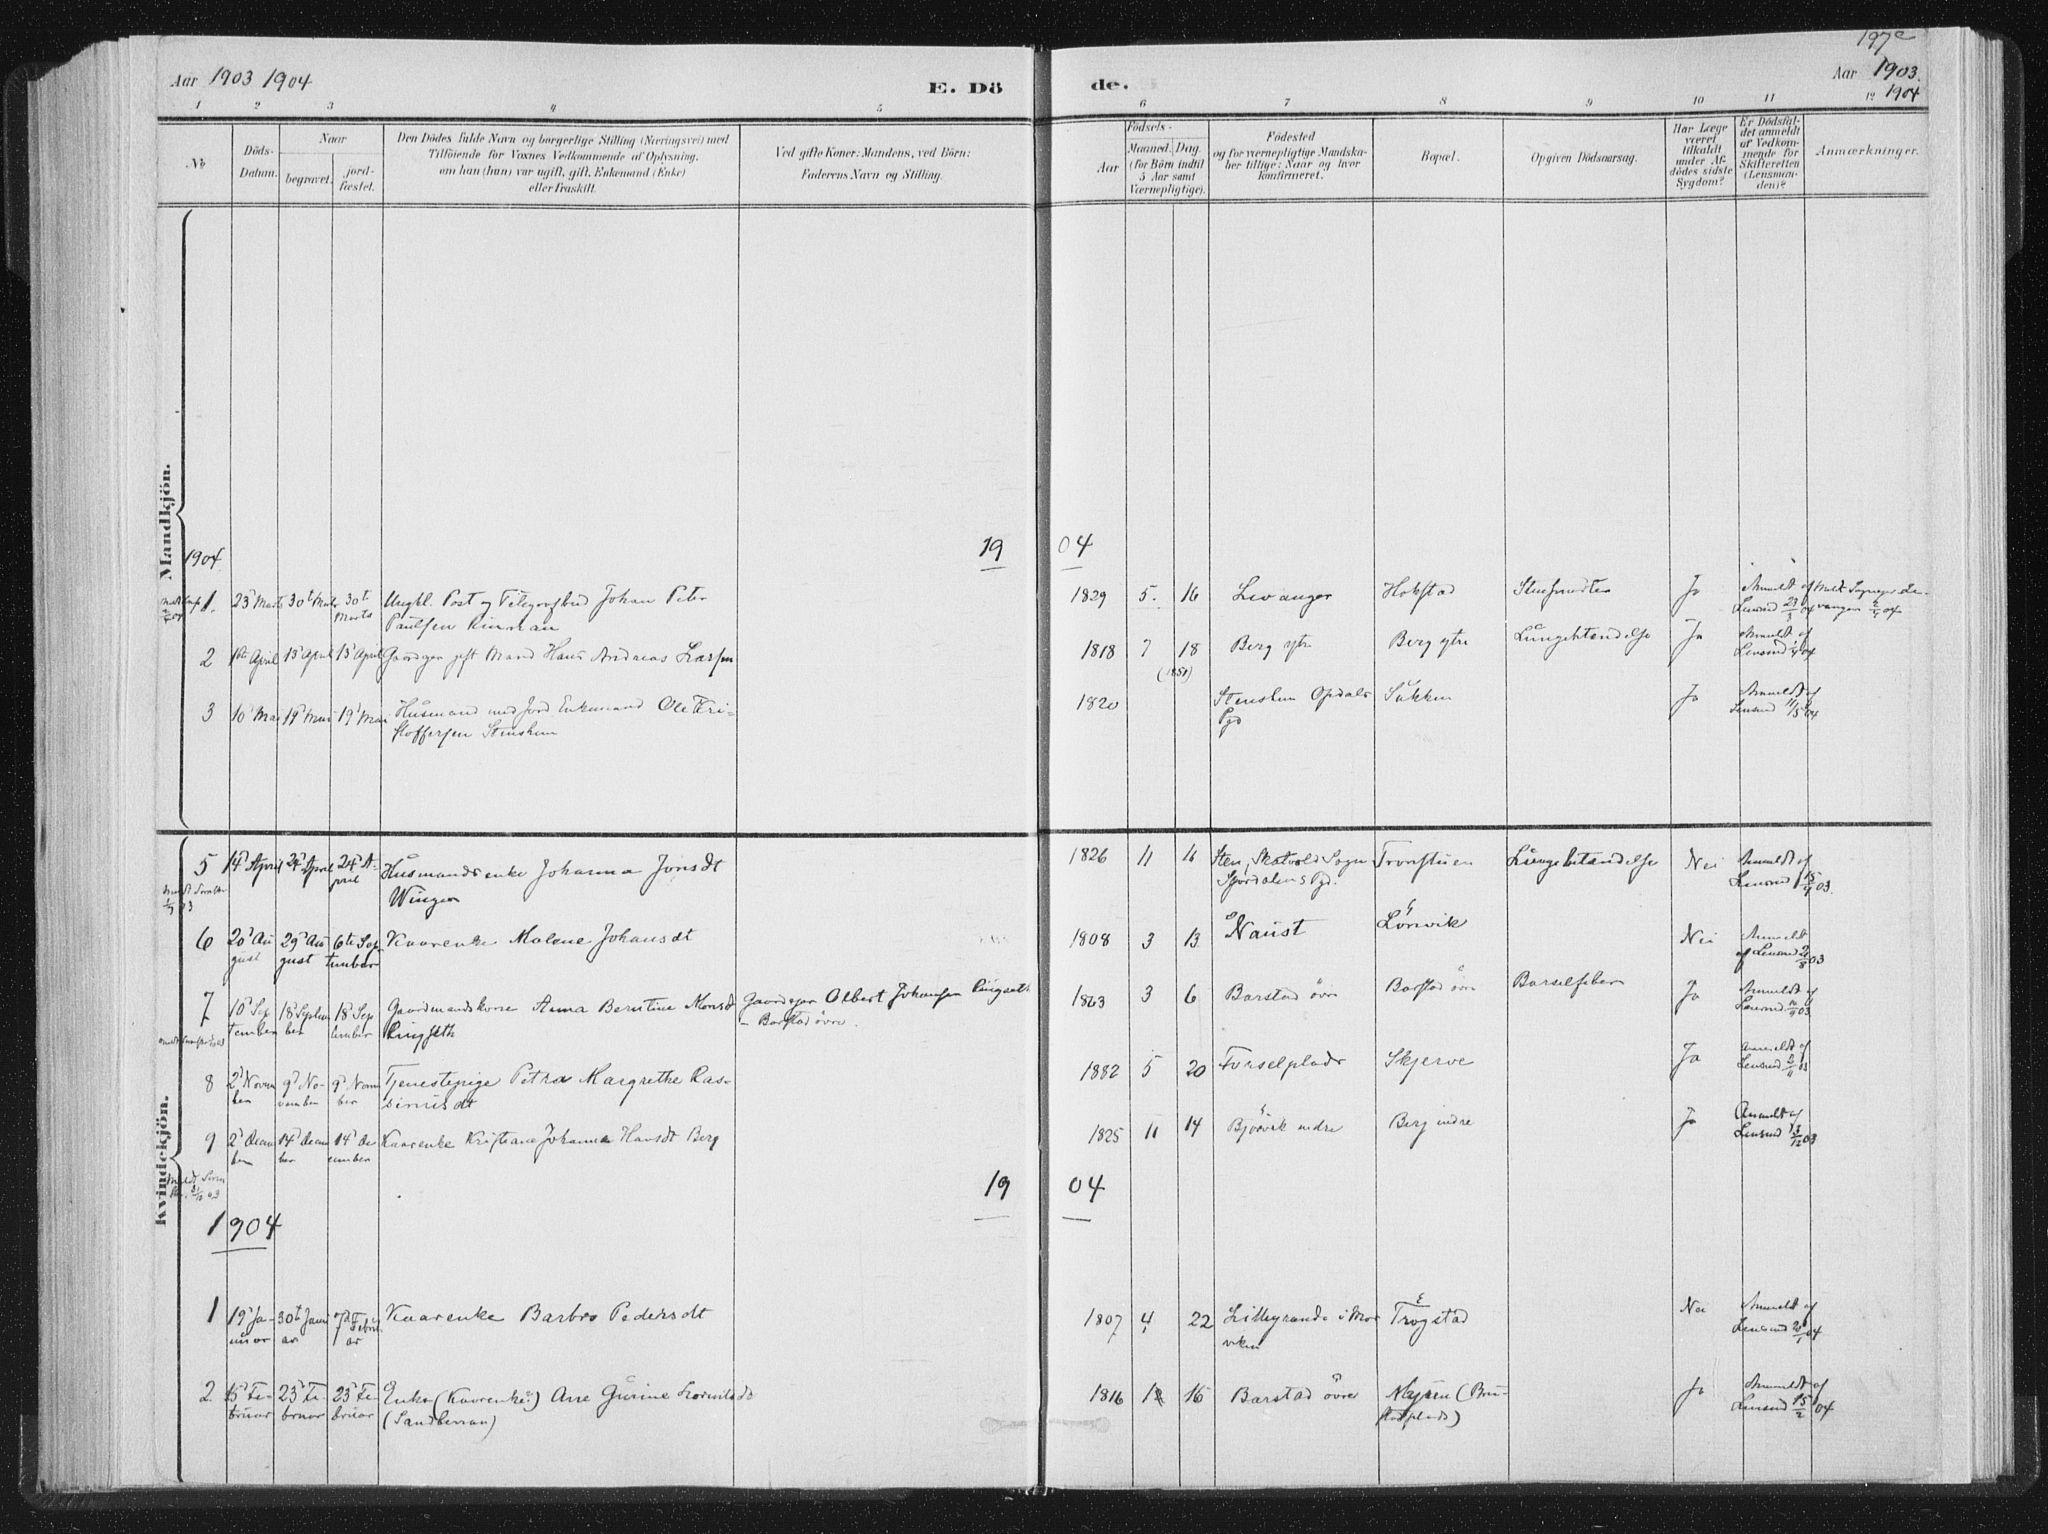 SAT, Ministerialprotokoller, klokkerbøker og fødselsregistre - Nord-Trøndelag, 722/L0220: Ministerialbok nr. 722A07, 1881-1908, s. 197c